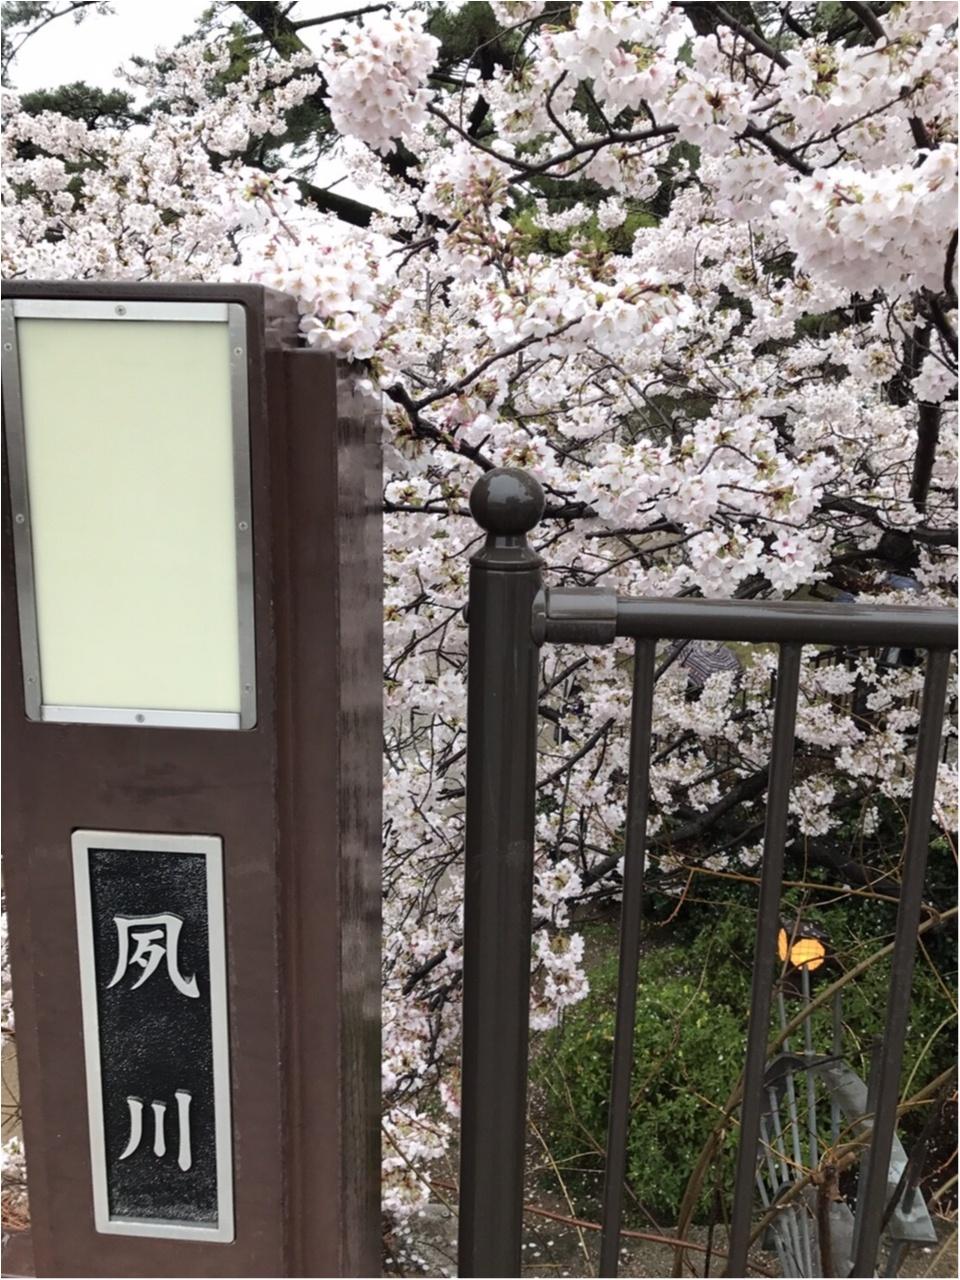 【関西お花見スポット】「日本さくら名所100選」にも選定!夙川に映る桜が美しい♡_1